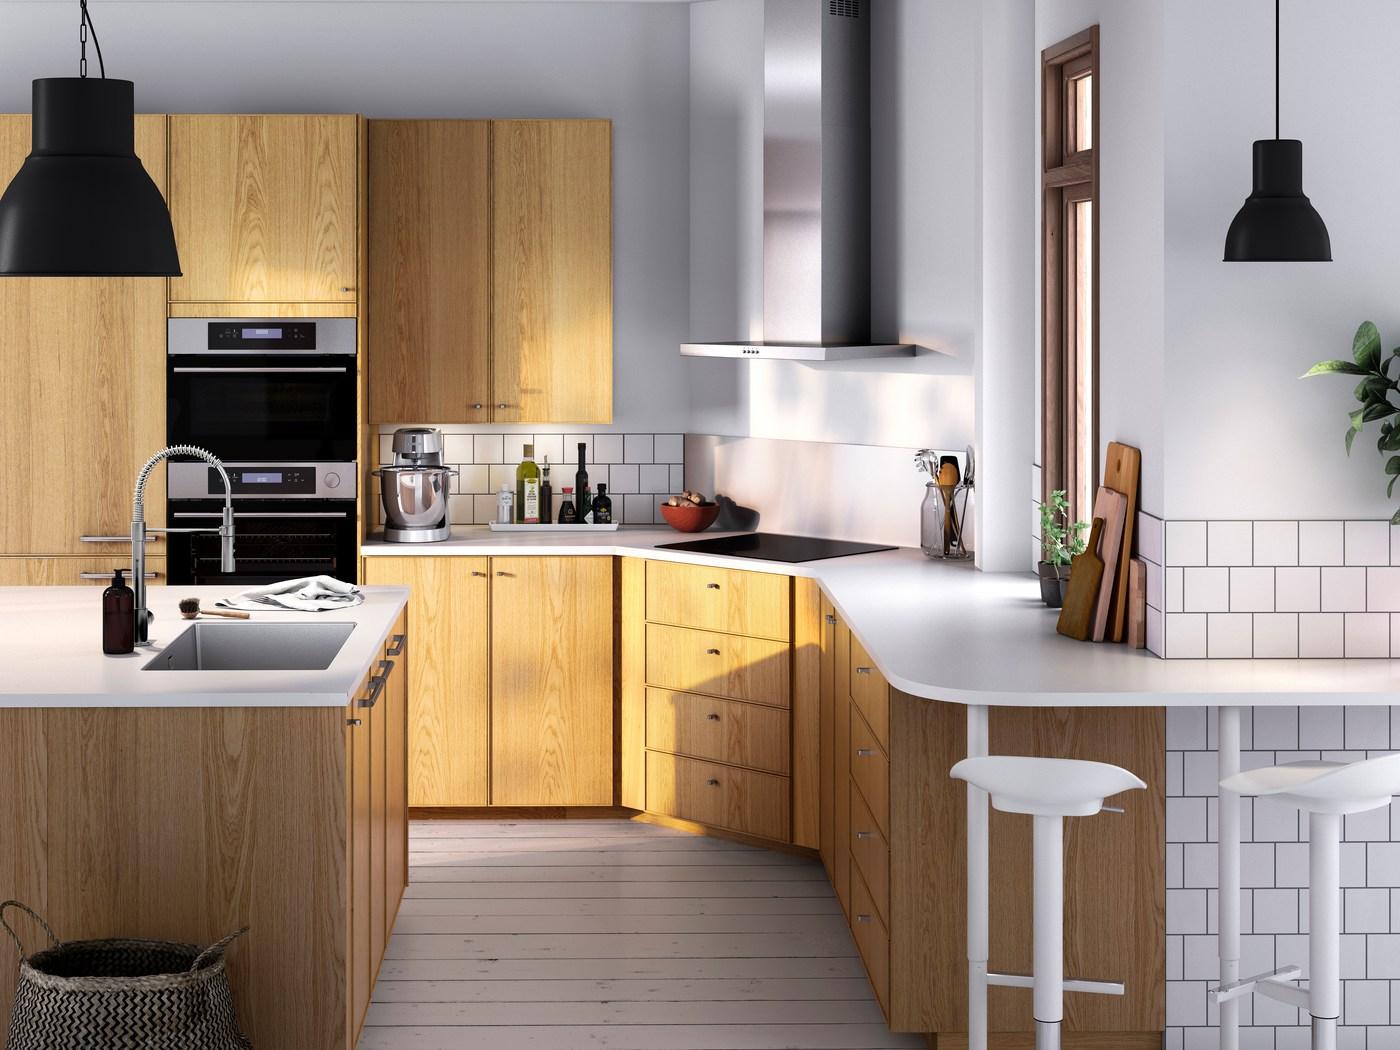 Arbeitsplatten nach Maß: Konfigurator für deine Küche – IKEA